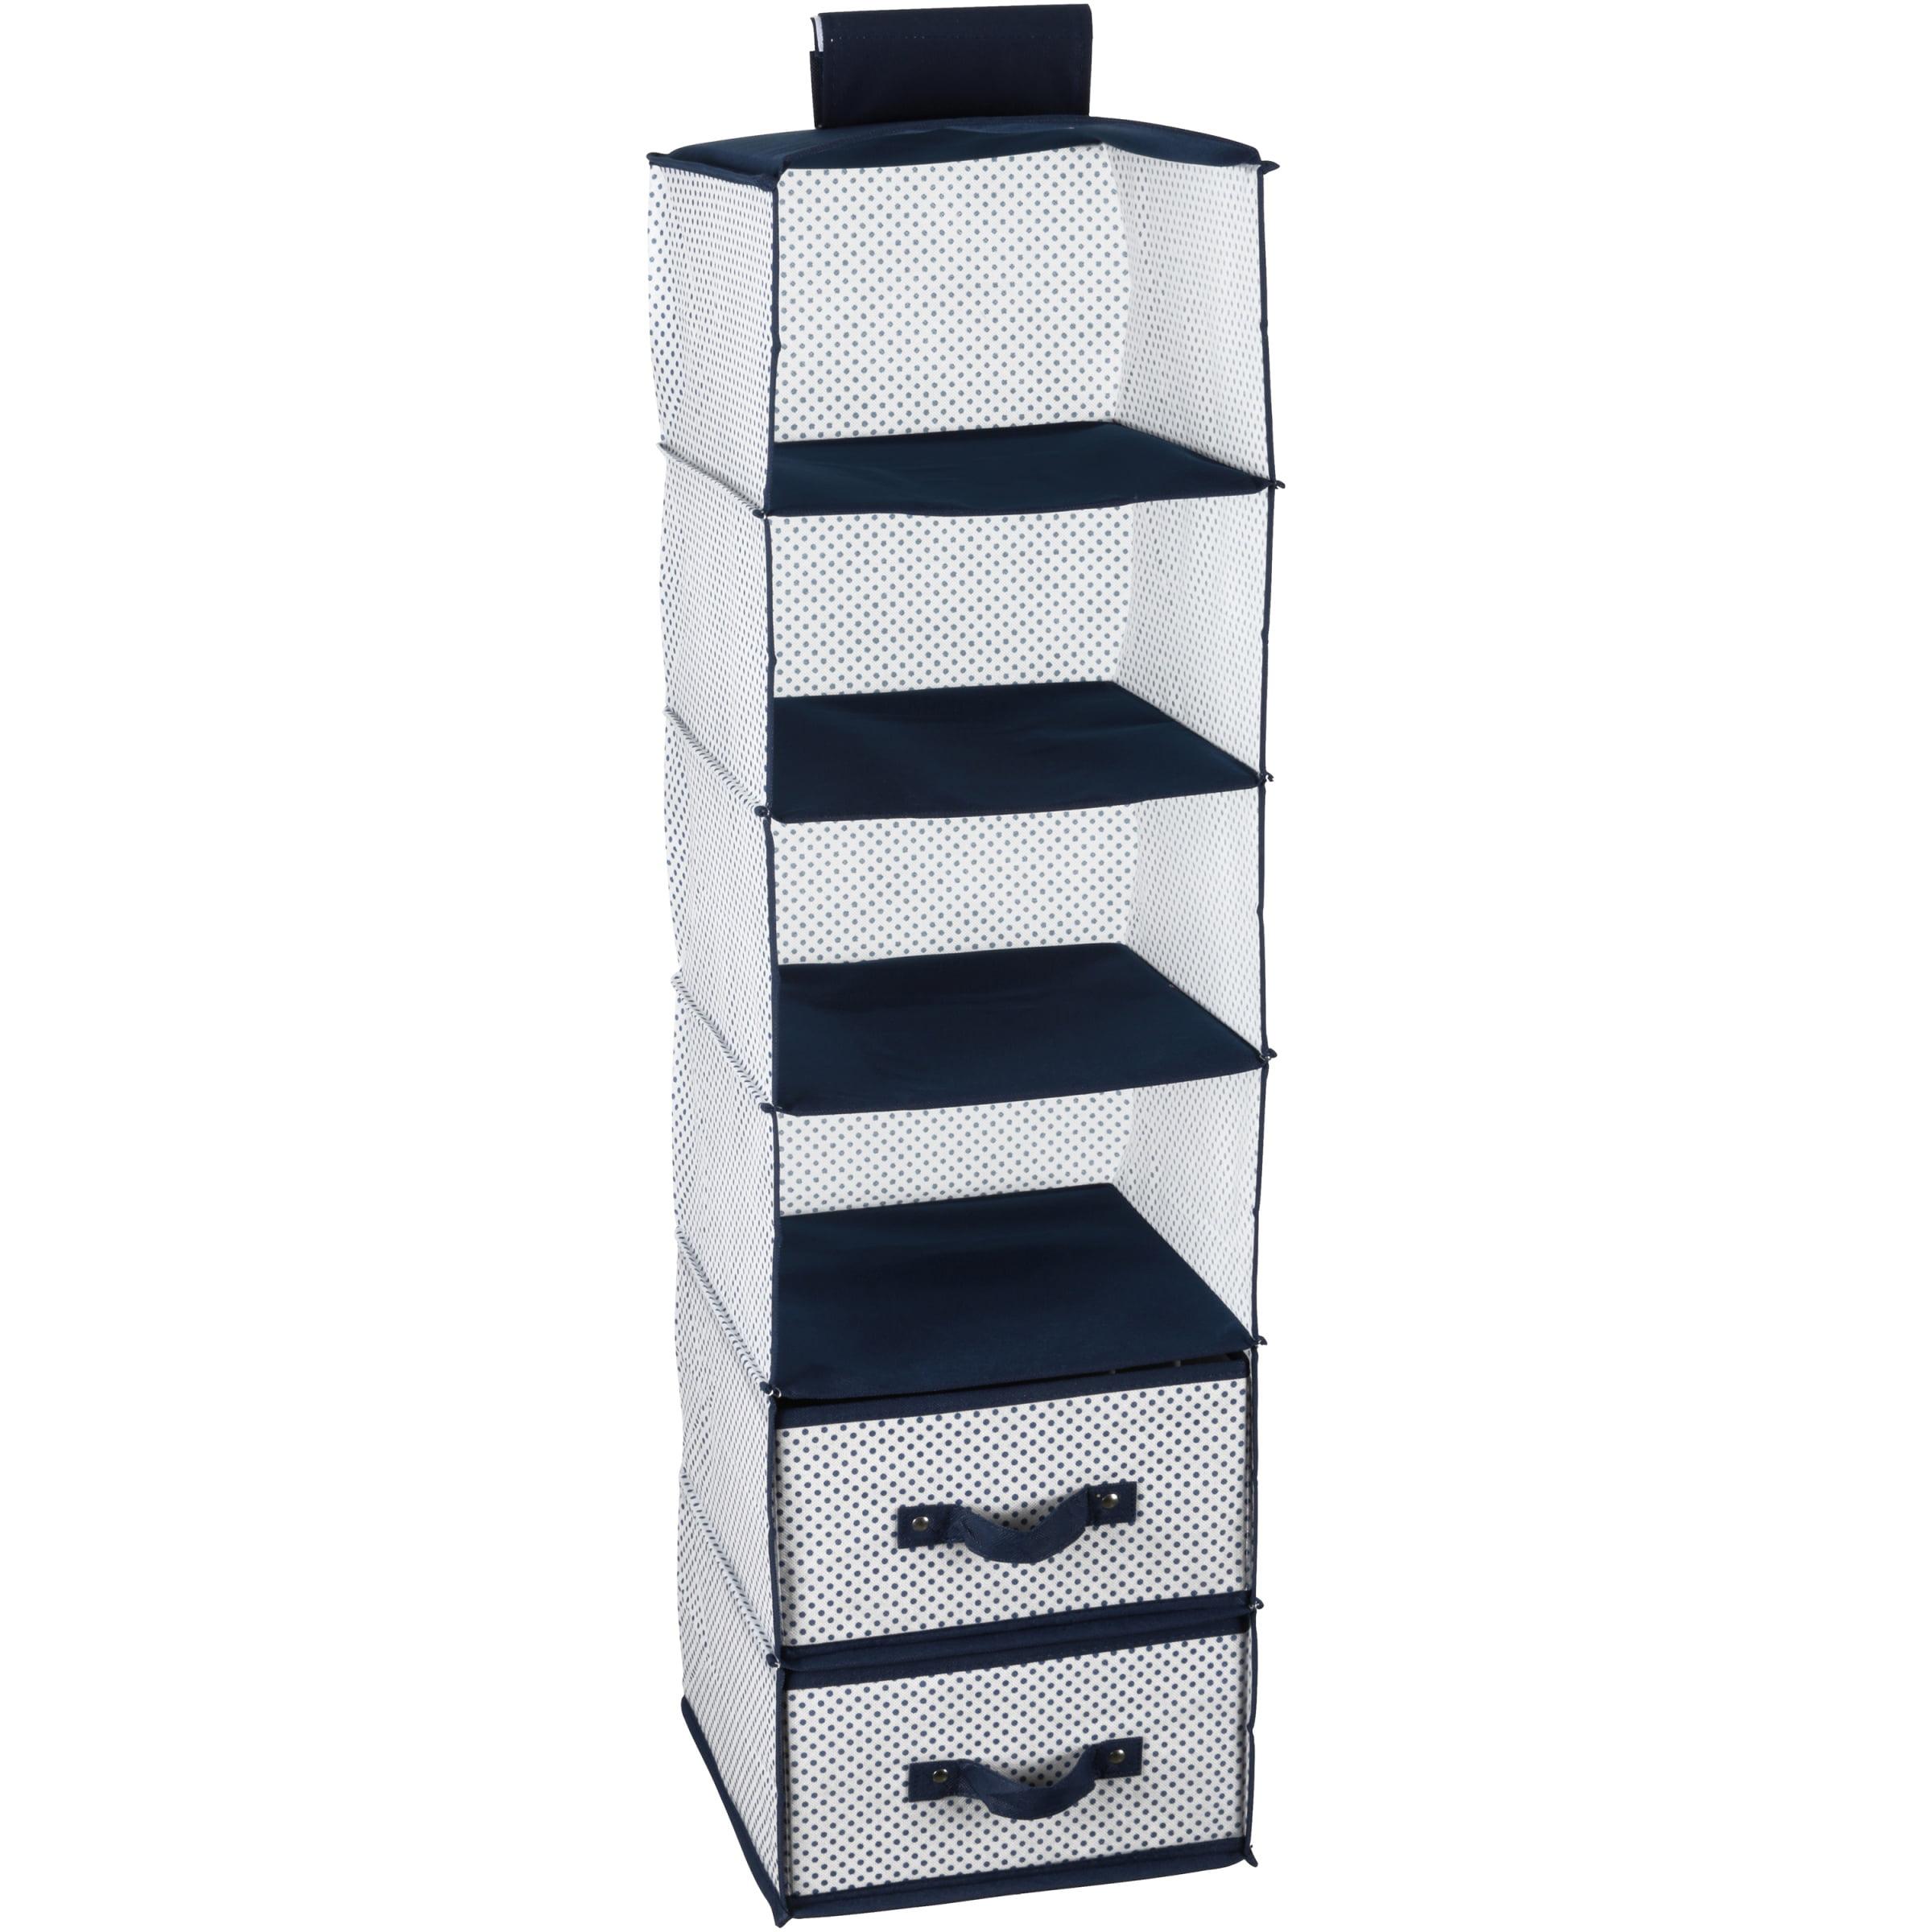 Household Essentials Drawers for 6 Shelf Hanging Closet Organizer